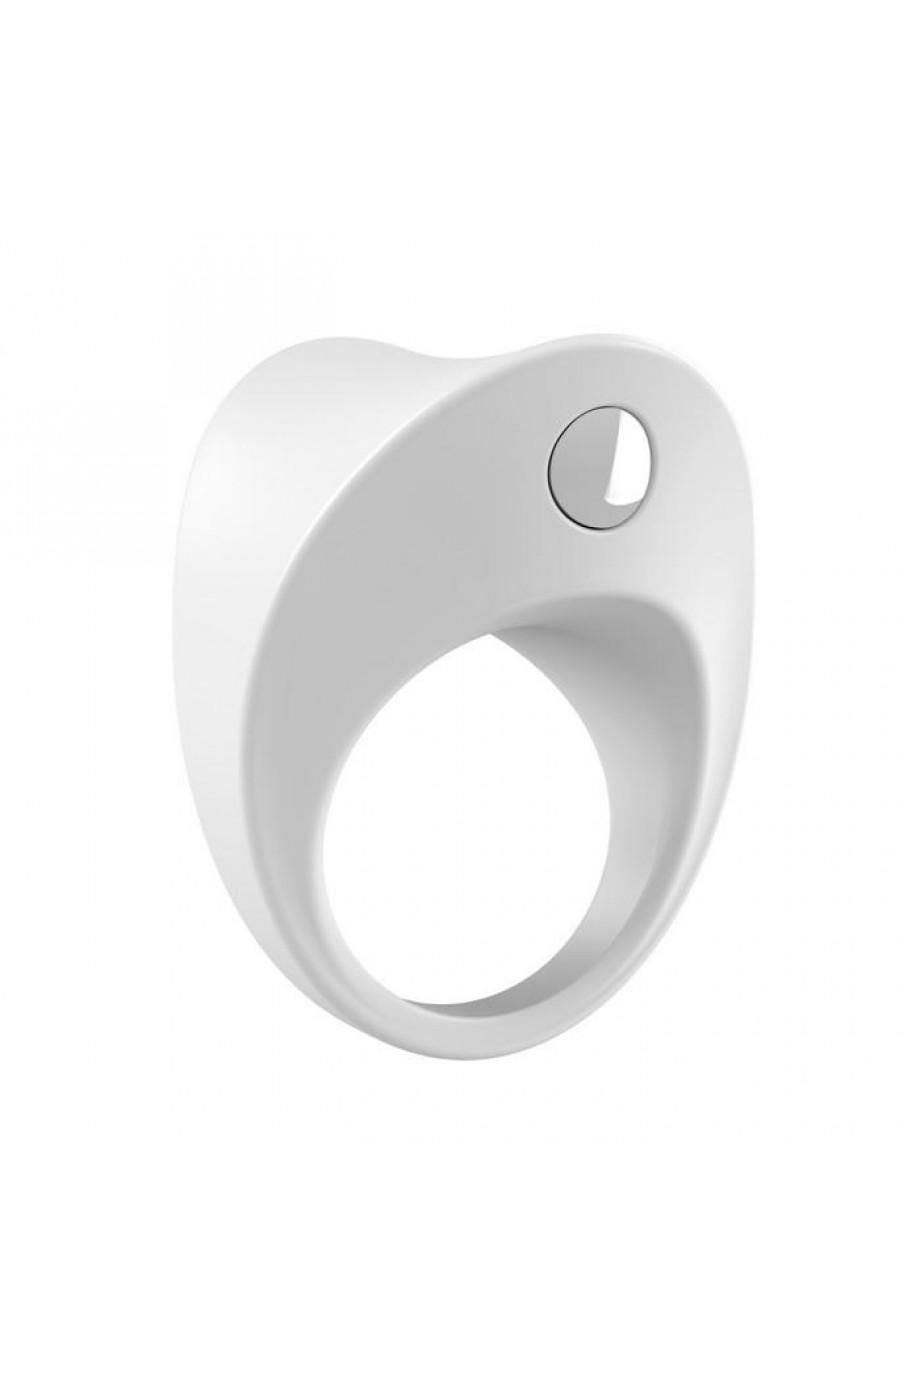 Эрекционное кольцо OVO закругленной формы с ультрасильной вибрацией, силиконовое, белое